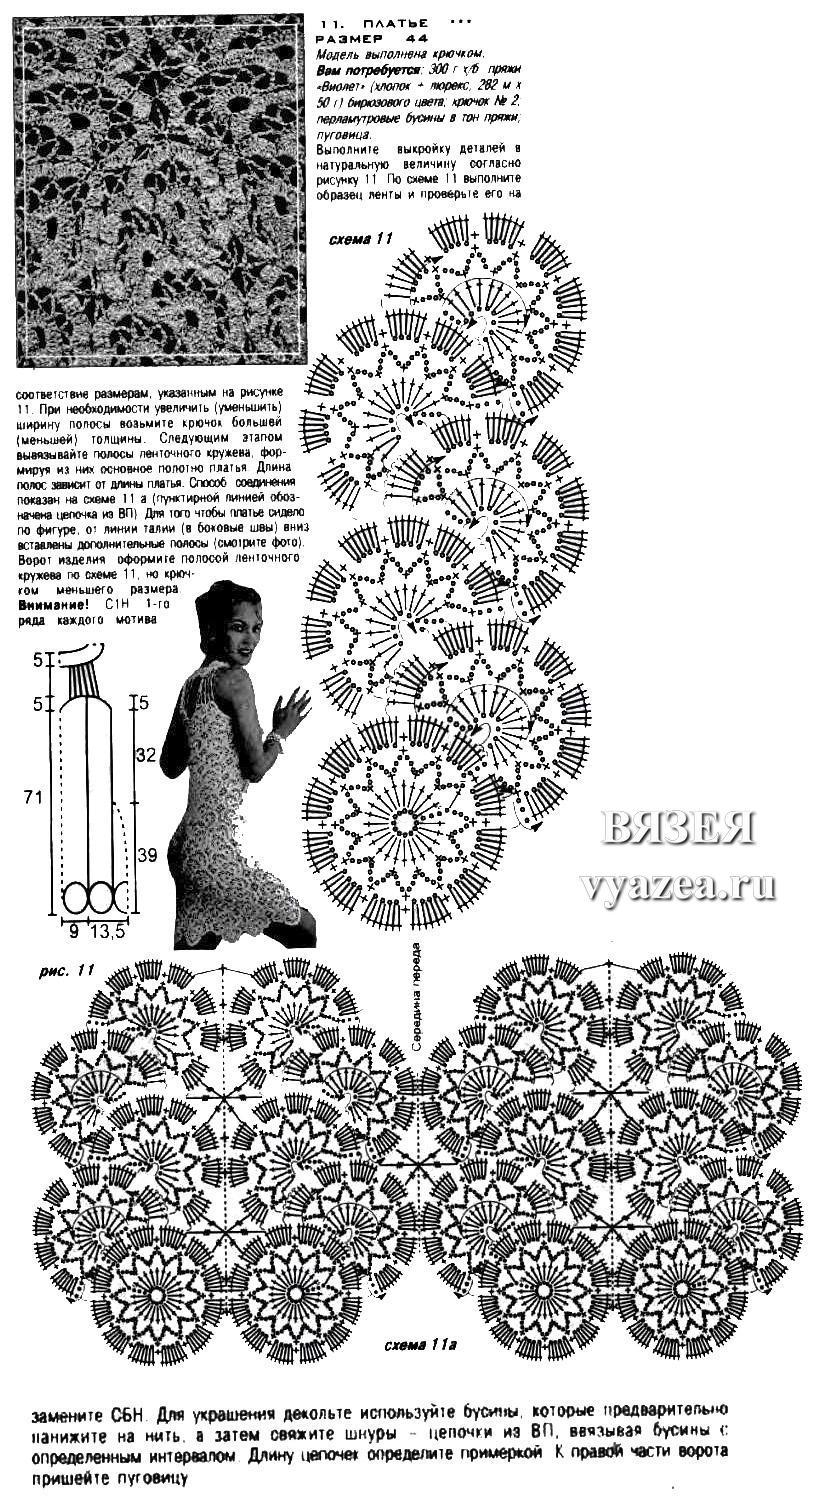 Вязание крючком моделей из ленточного кружева крючком